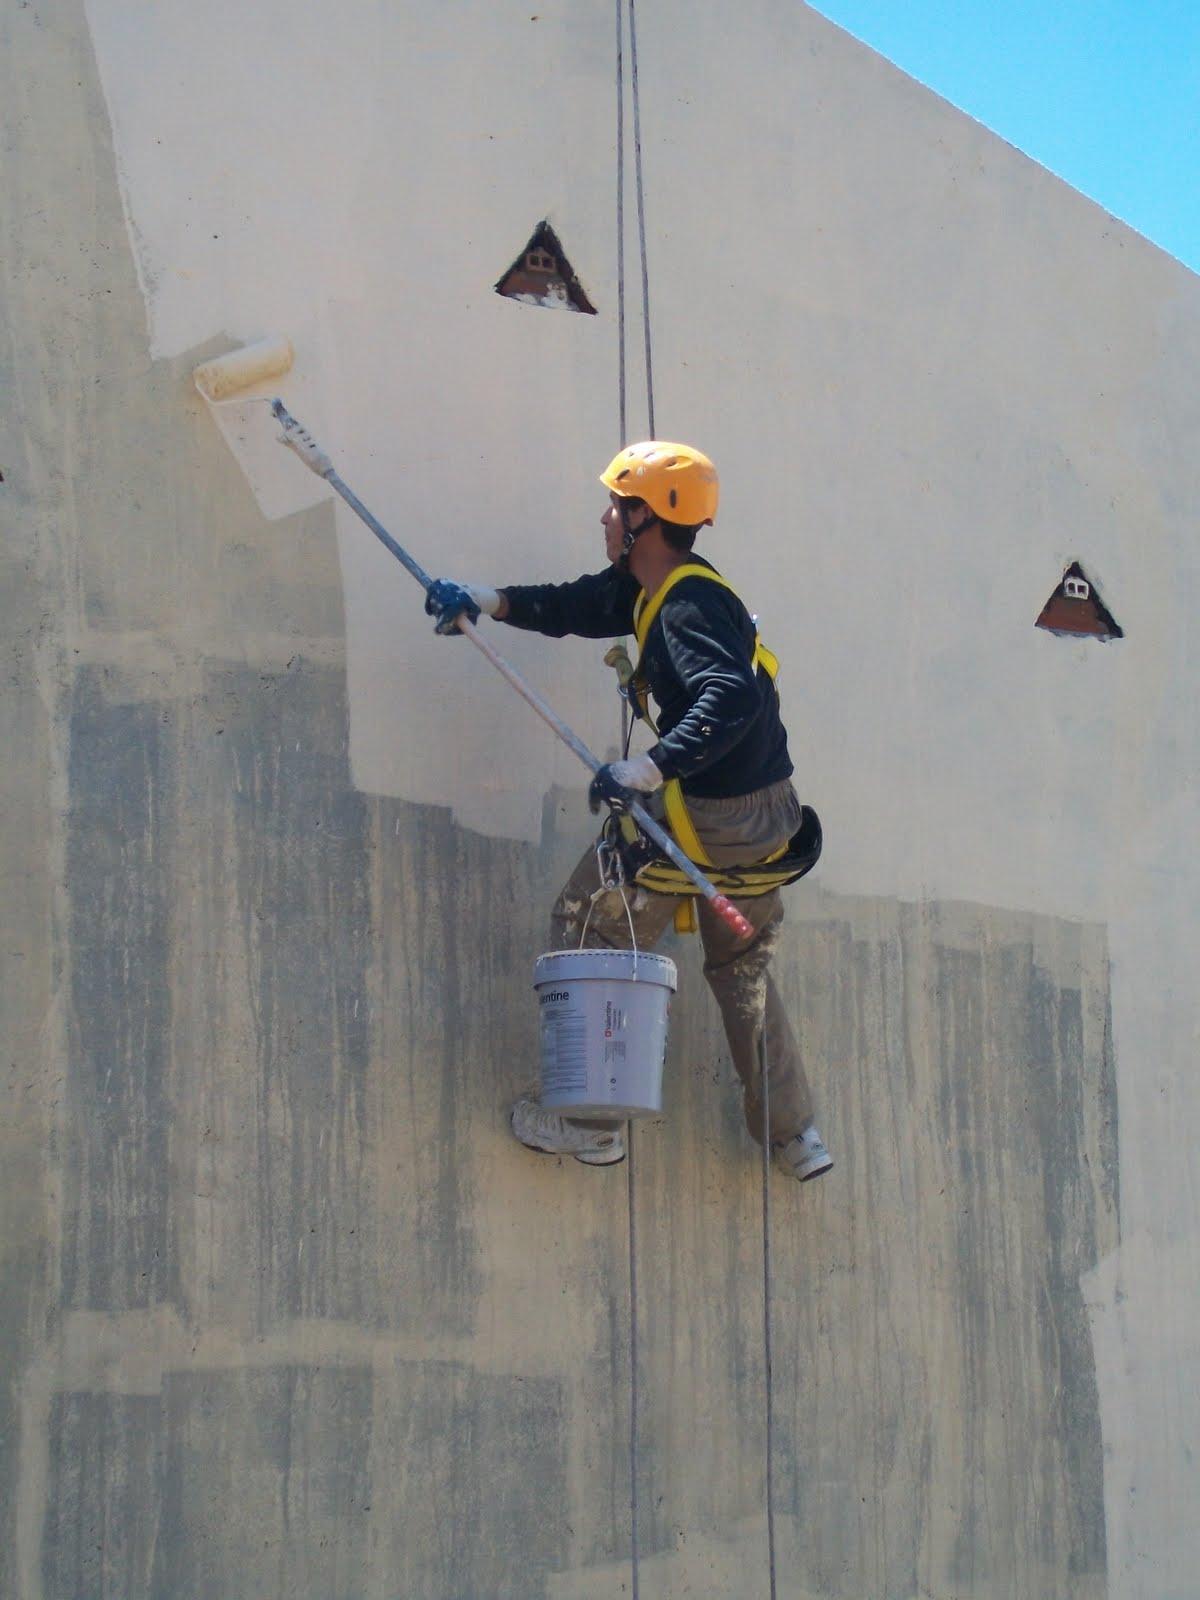 Cubiertas terrazas azoteas ticos arreglar tejado - Cambiar tejado casa antigua ...